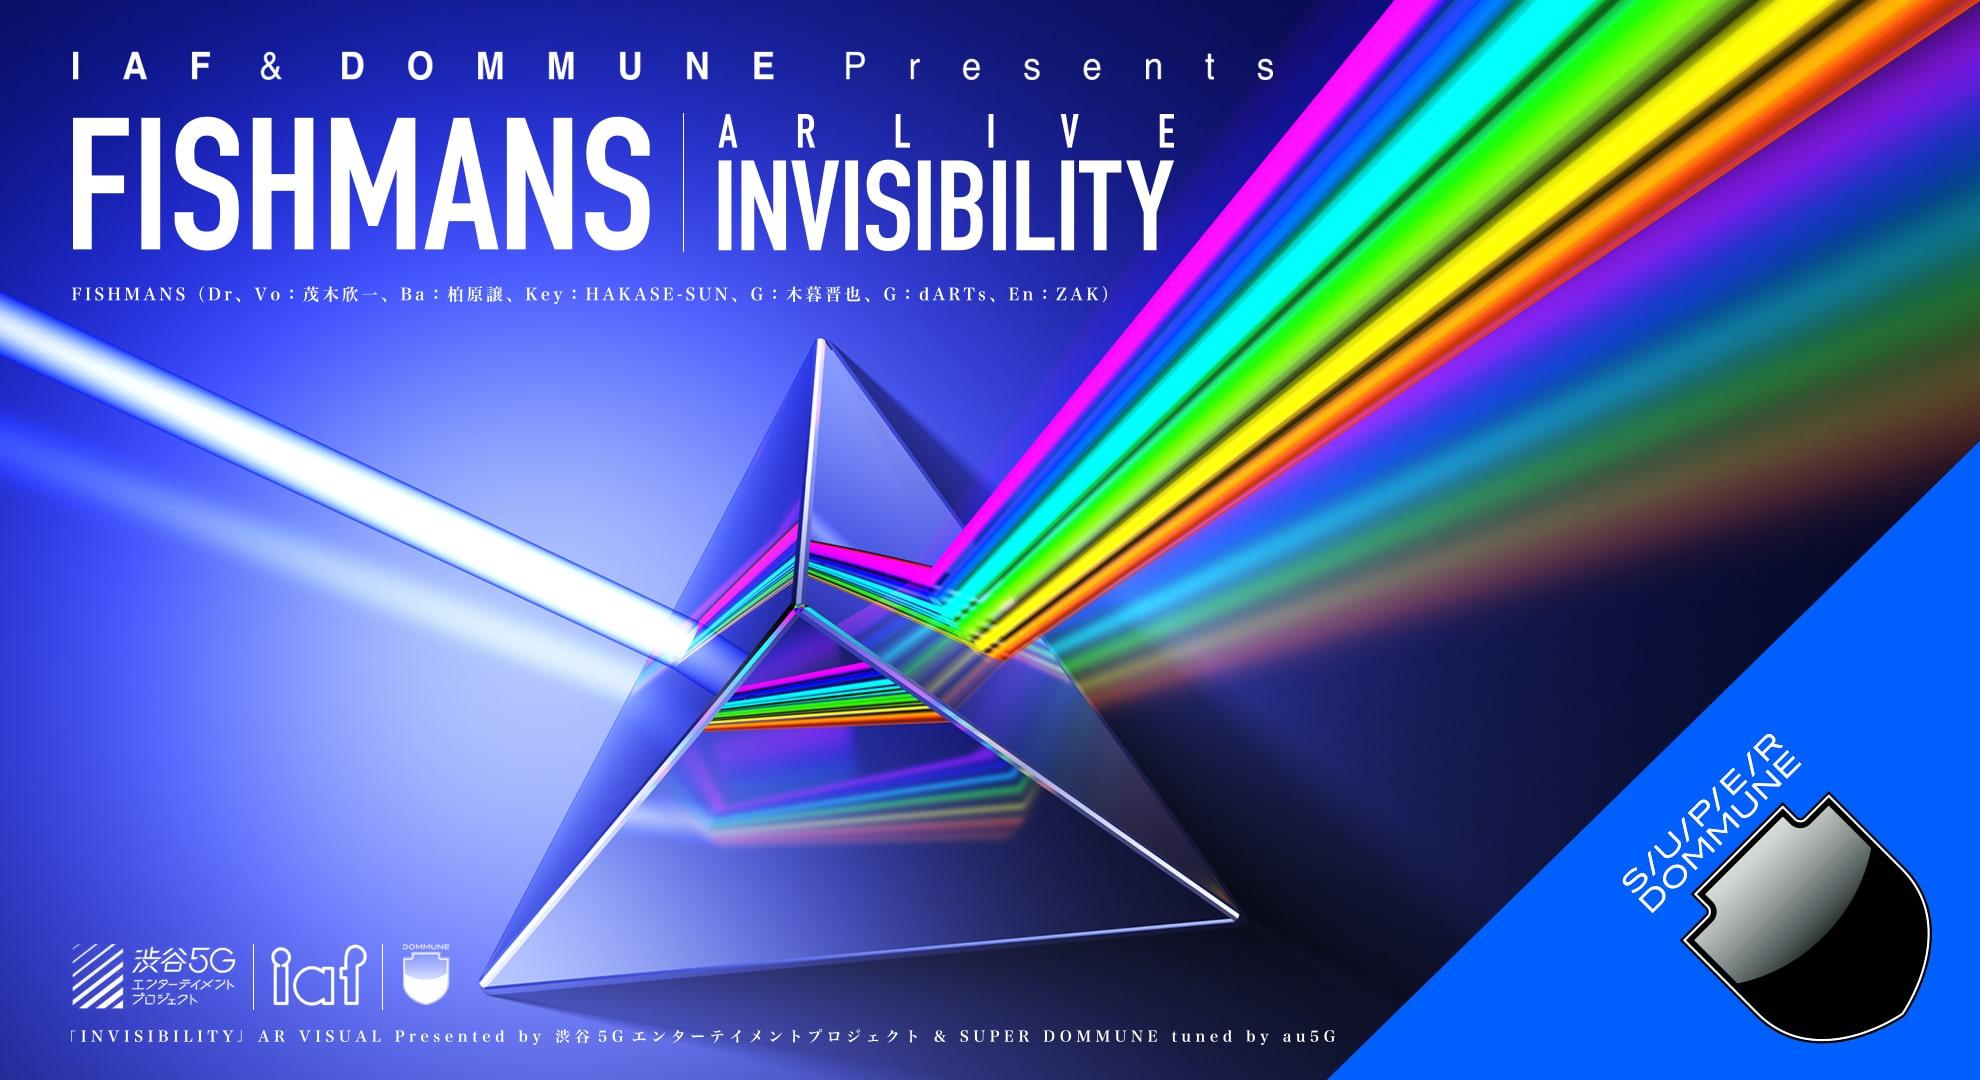 「FISHMANS(フィッシュマンズ) 」の無観客ARライブ「INVISIBILITY(インビジビリティ)」開催。